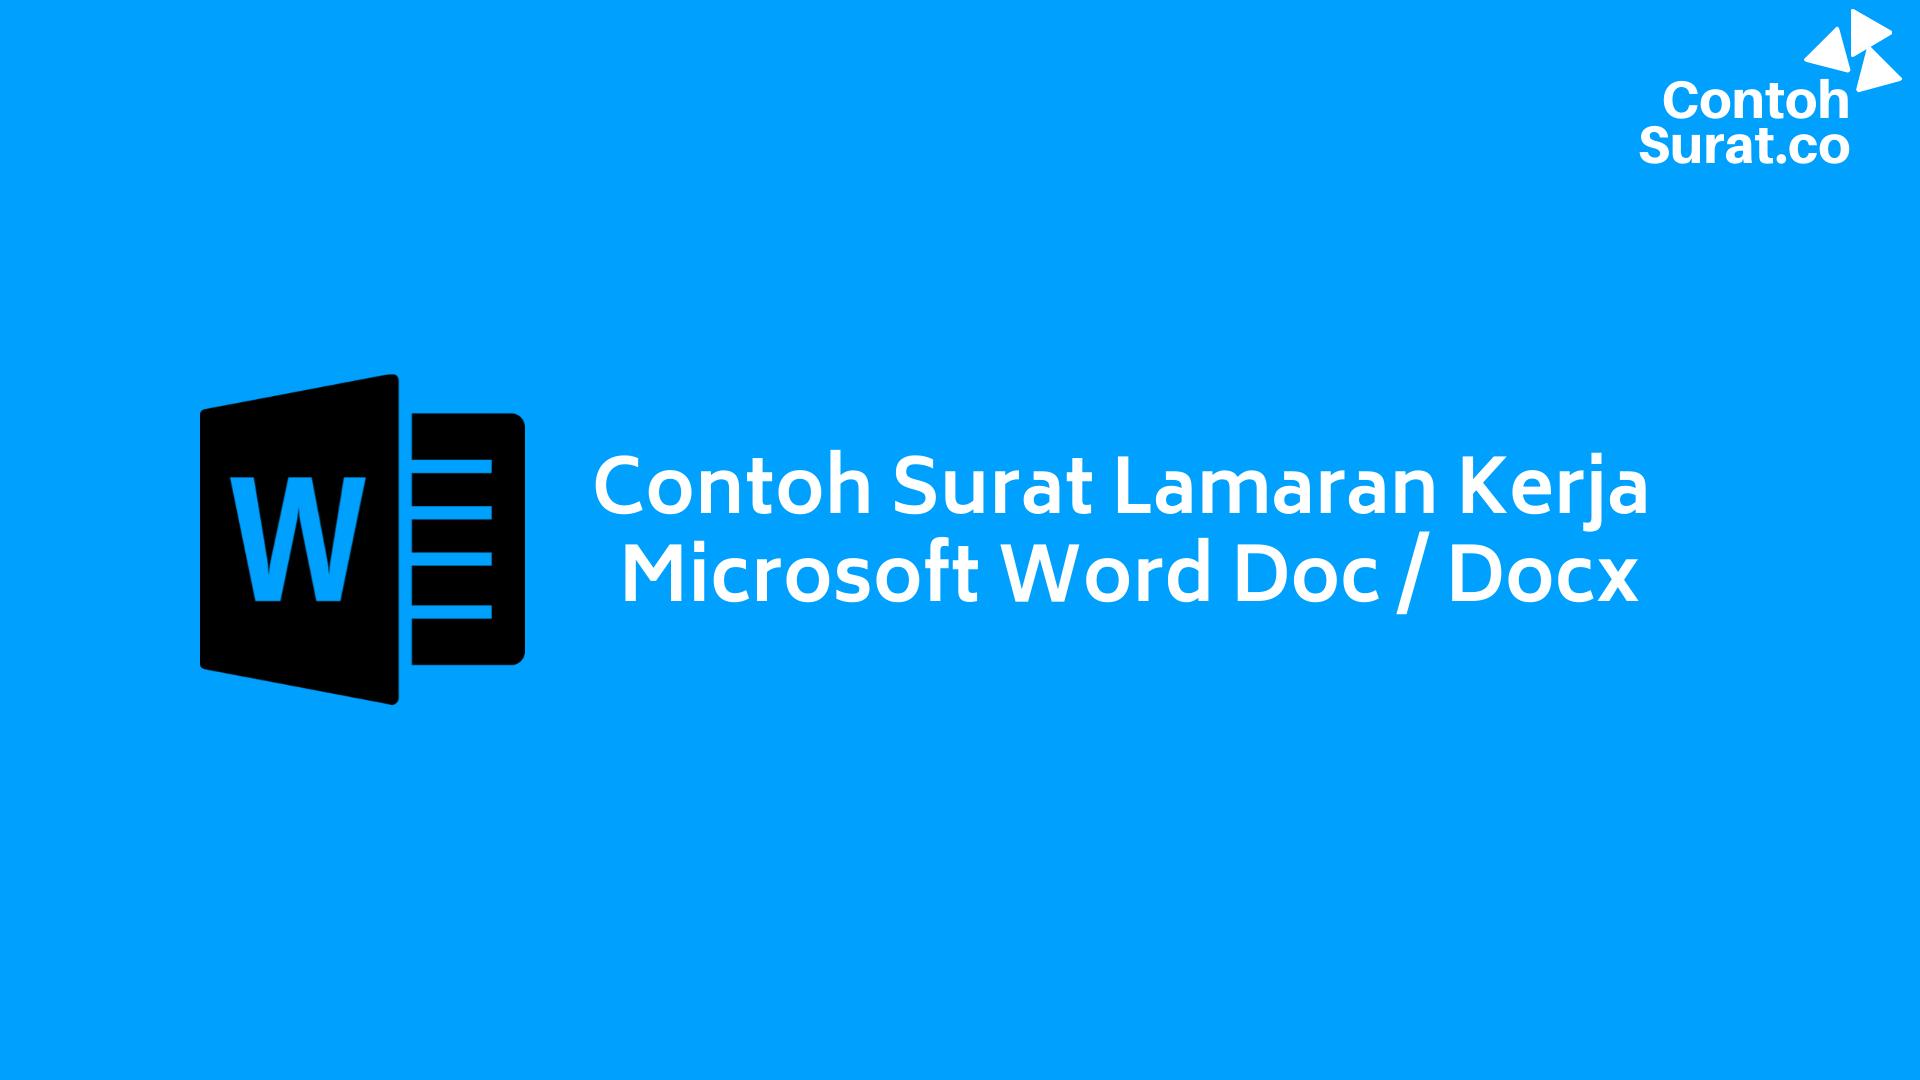 Contoh Surat Lamaran Kerja Doc Docx Microsoft Word